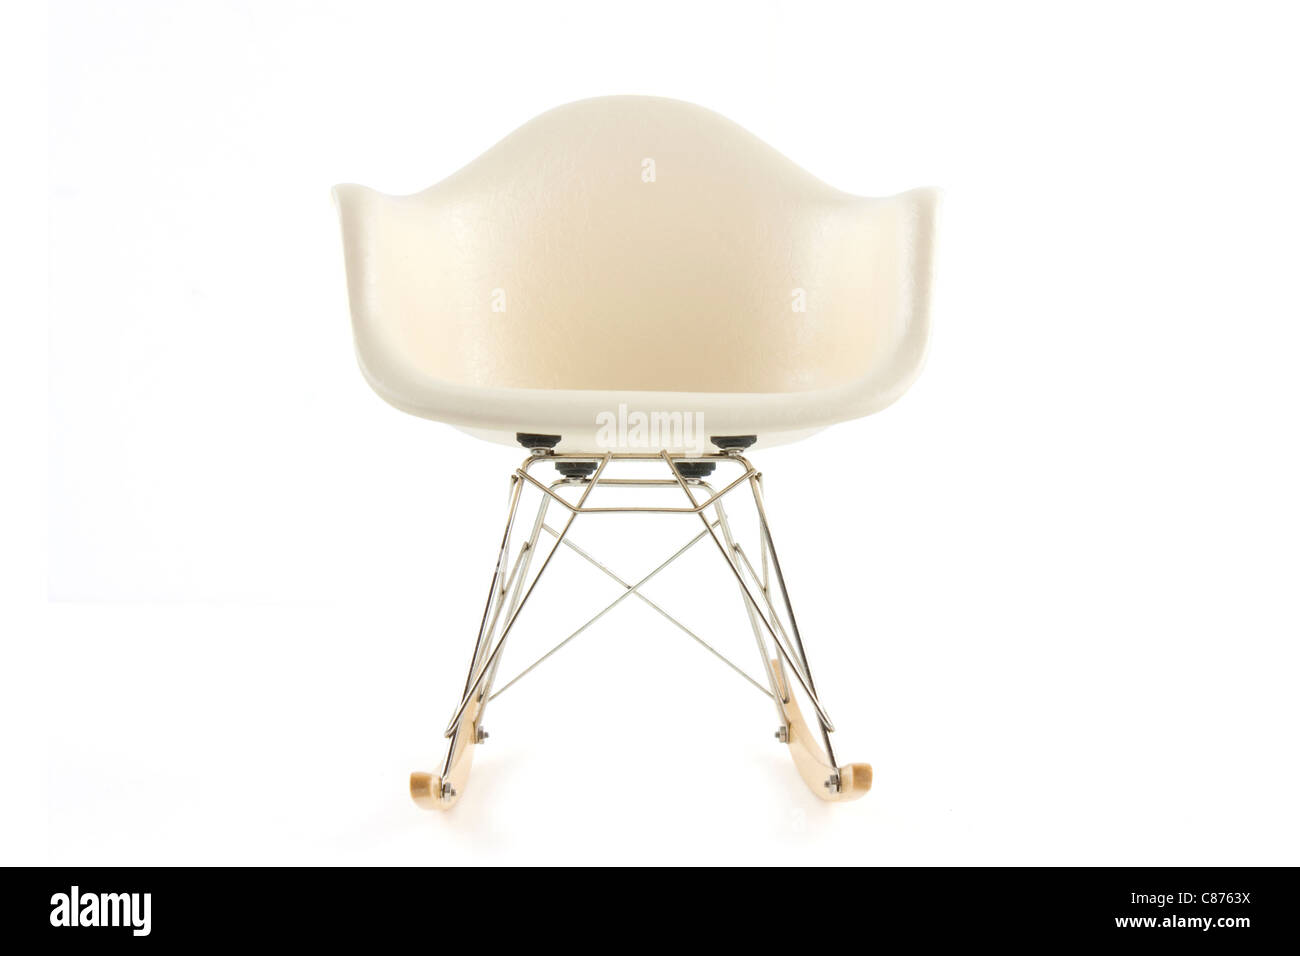 Modernes Design Klassiker Eames Schaukelstuhl Auf Weissem Hintergrund